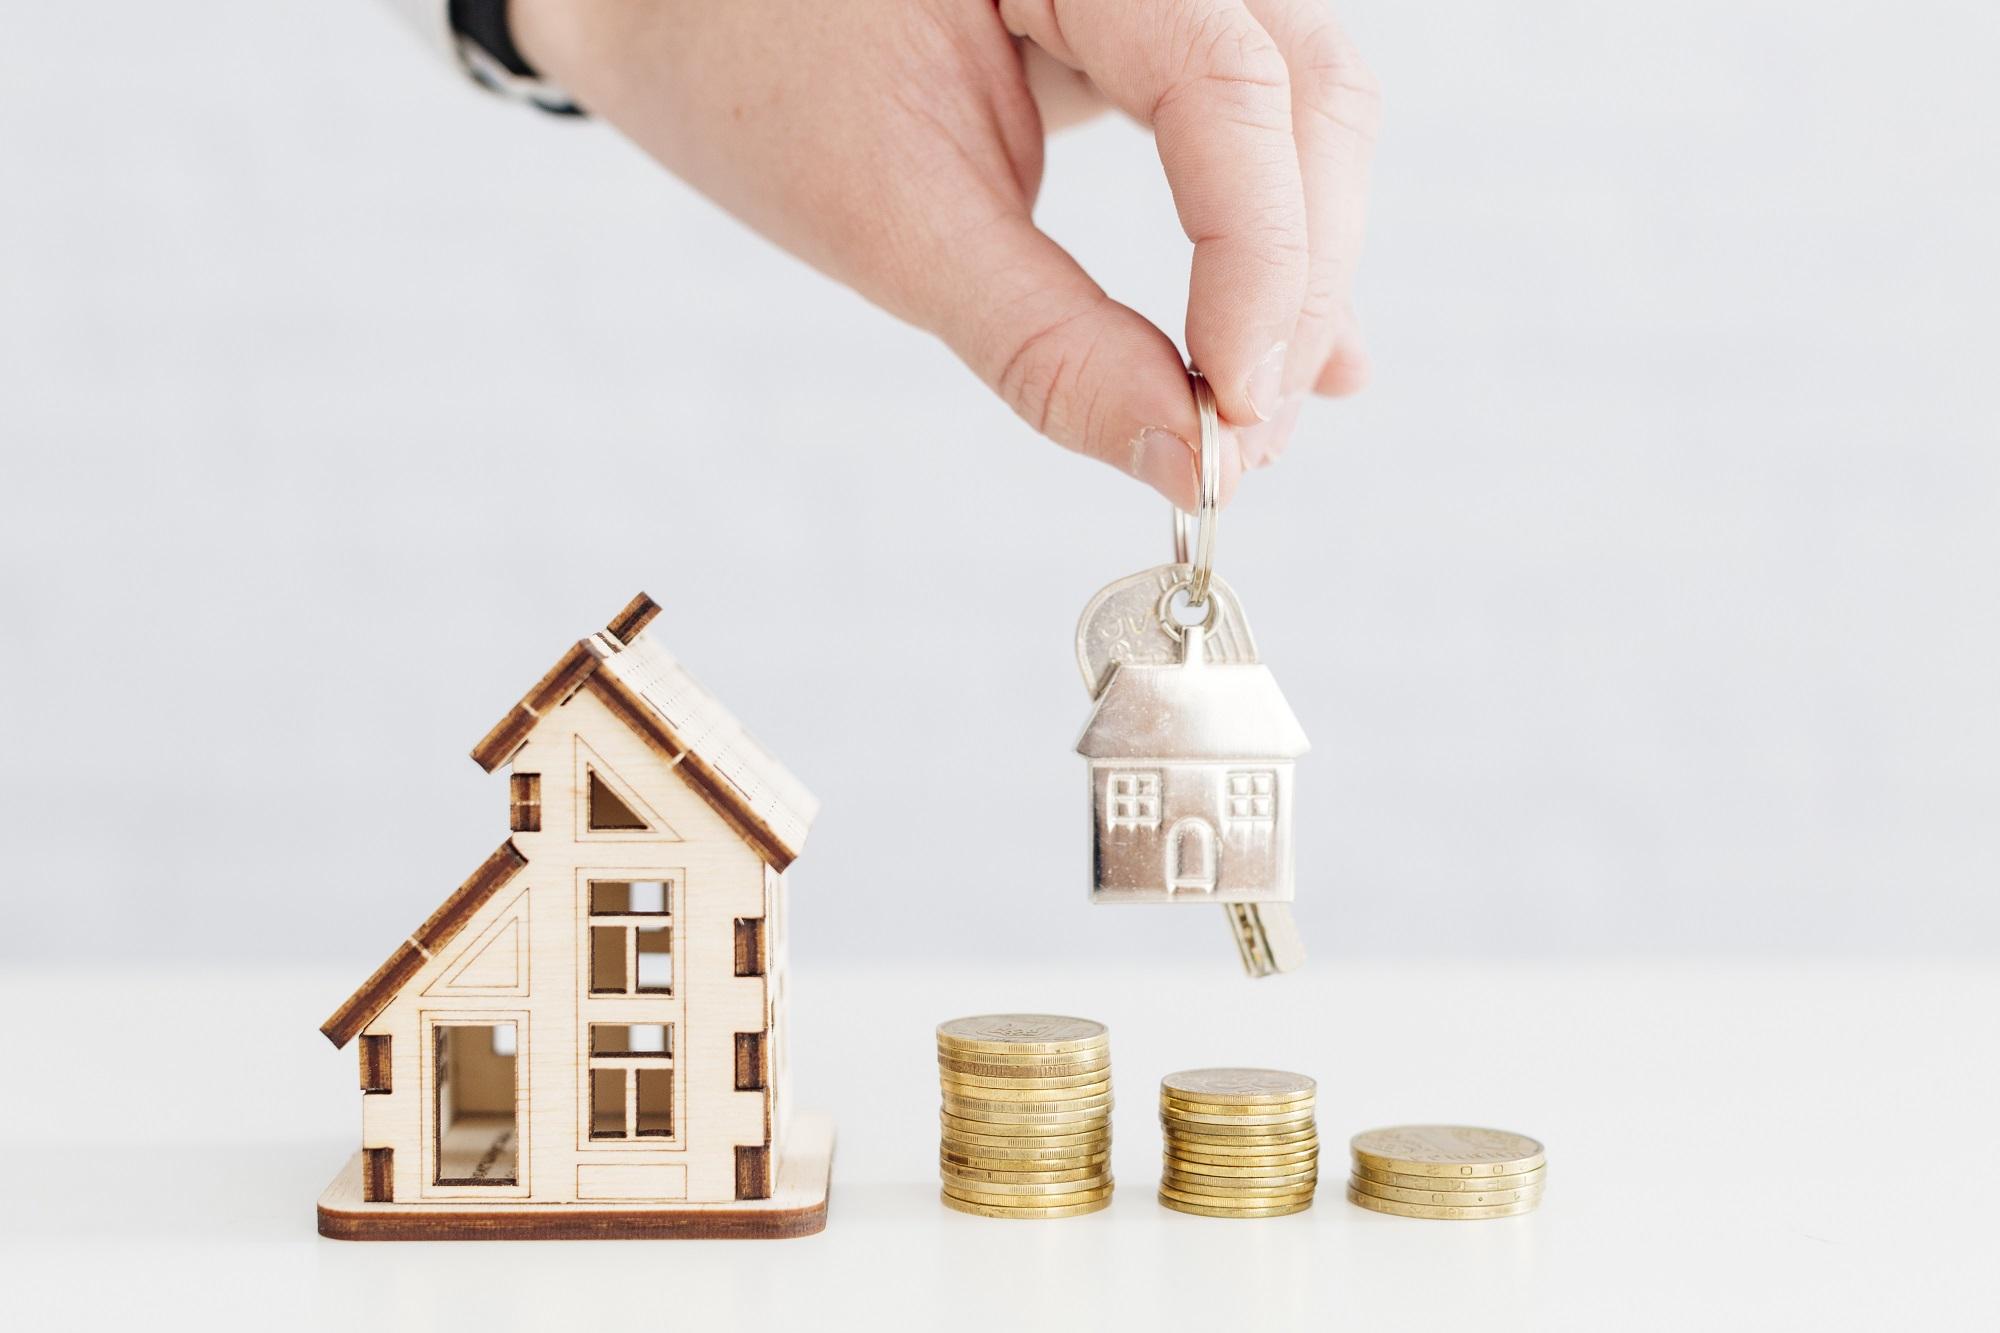 Lucro imobiliário, holding e empresa comum: entenda mais sobre o assunto